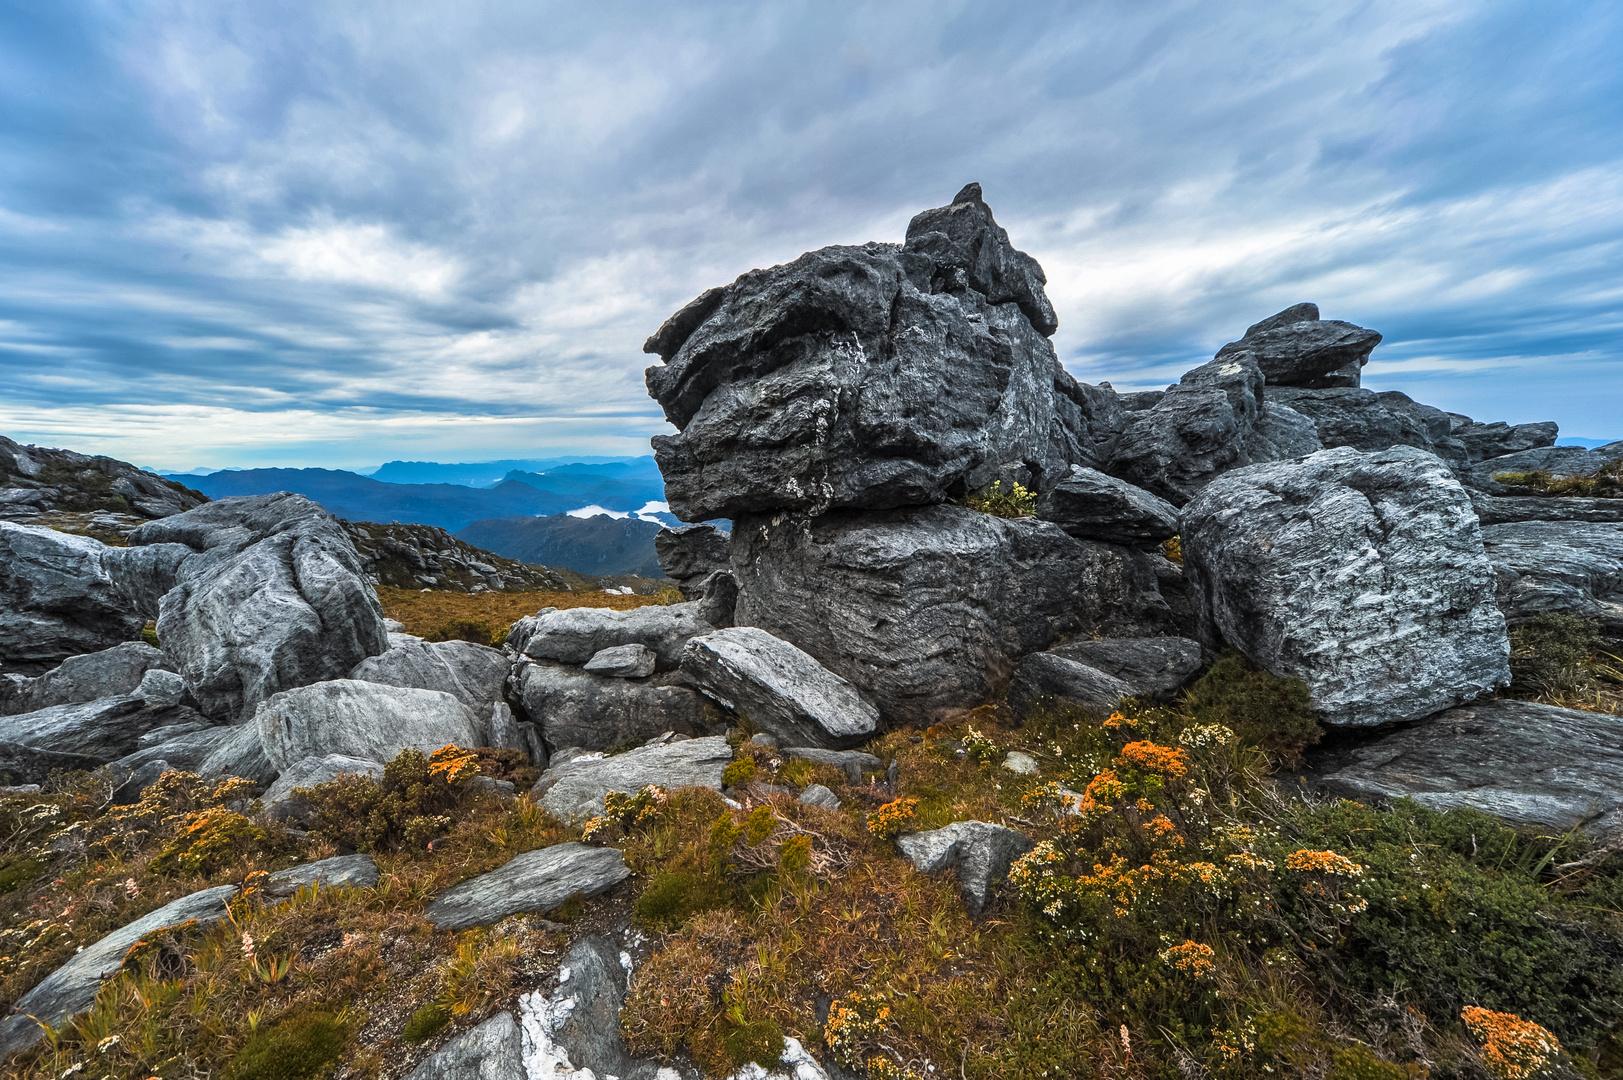 Australien, Tasmanien: Am Mount Sprent